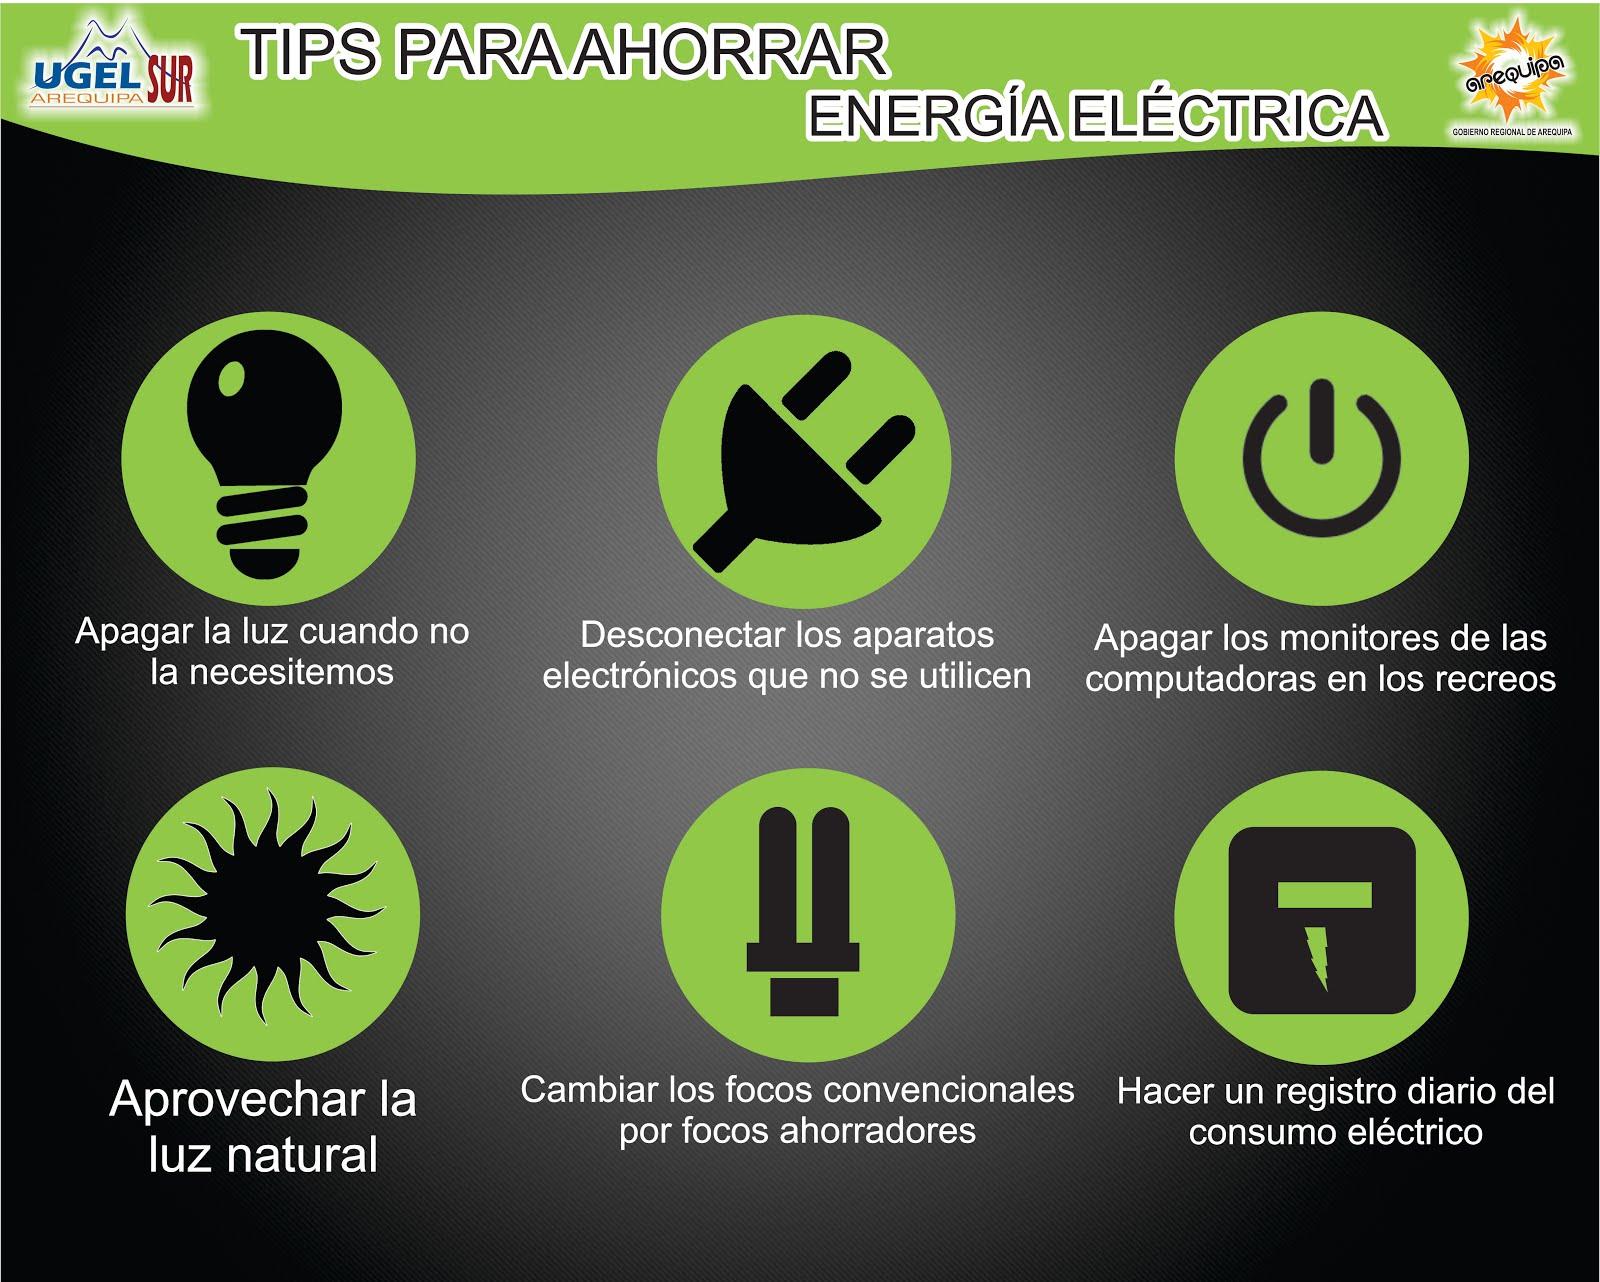 AHORREMOS LA ENERGÍA ELECTRICA